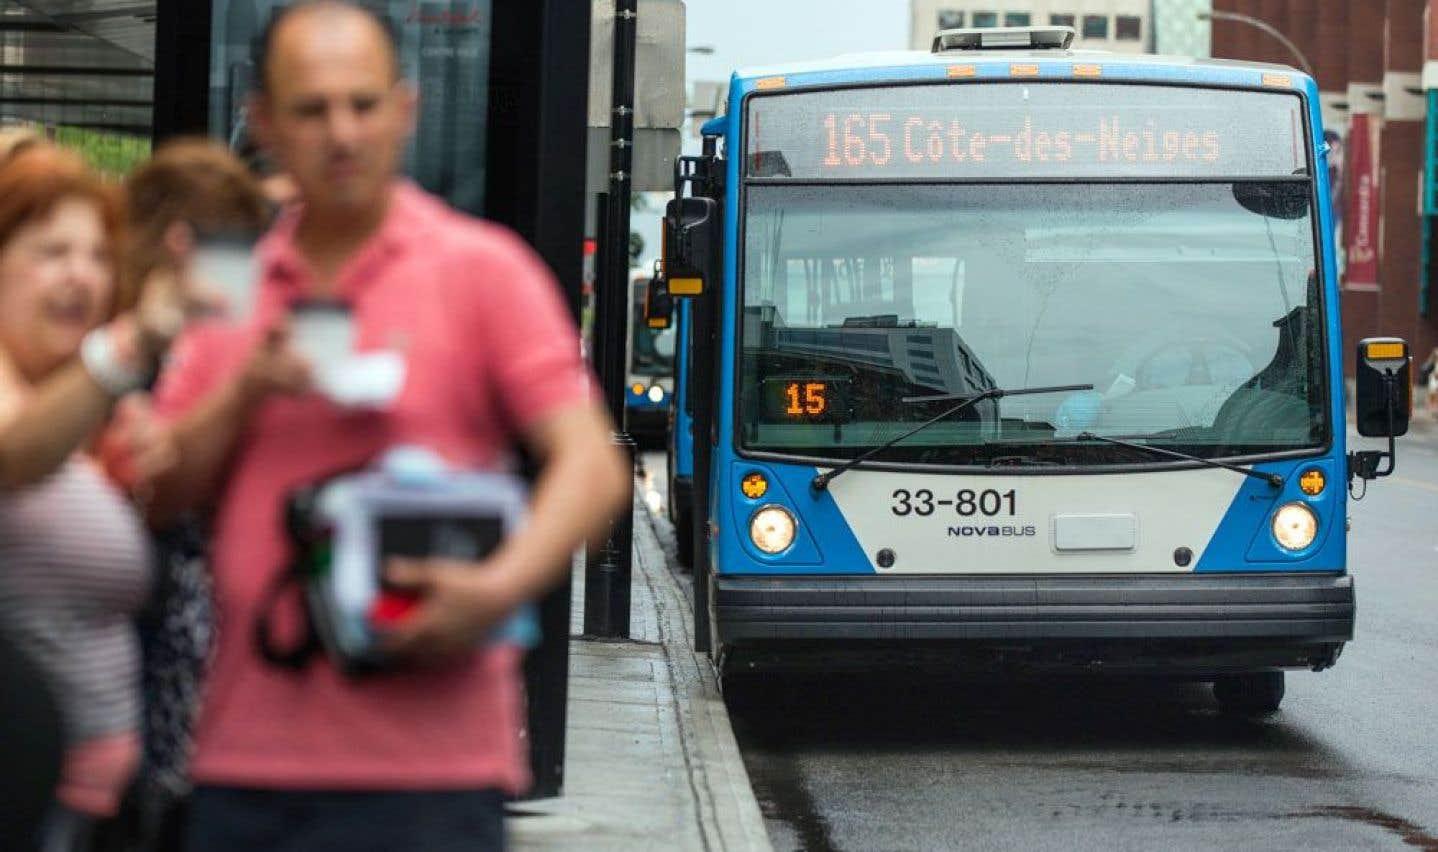 Le regroupement TRANSIT souhaite que Québec consacre d'ici 2030 deux tiers des investissements en transport terrestre essentiellement aux transports collectifs, comme le fait déjà l'Ontario.